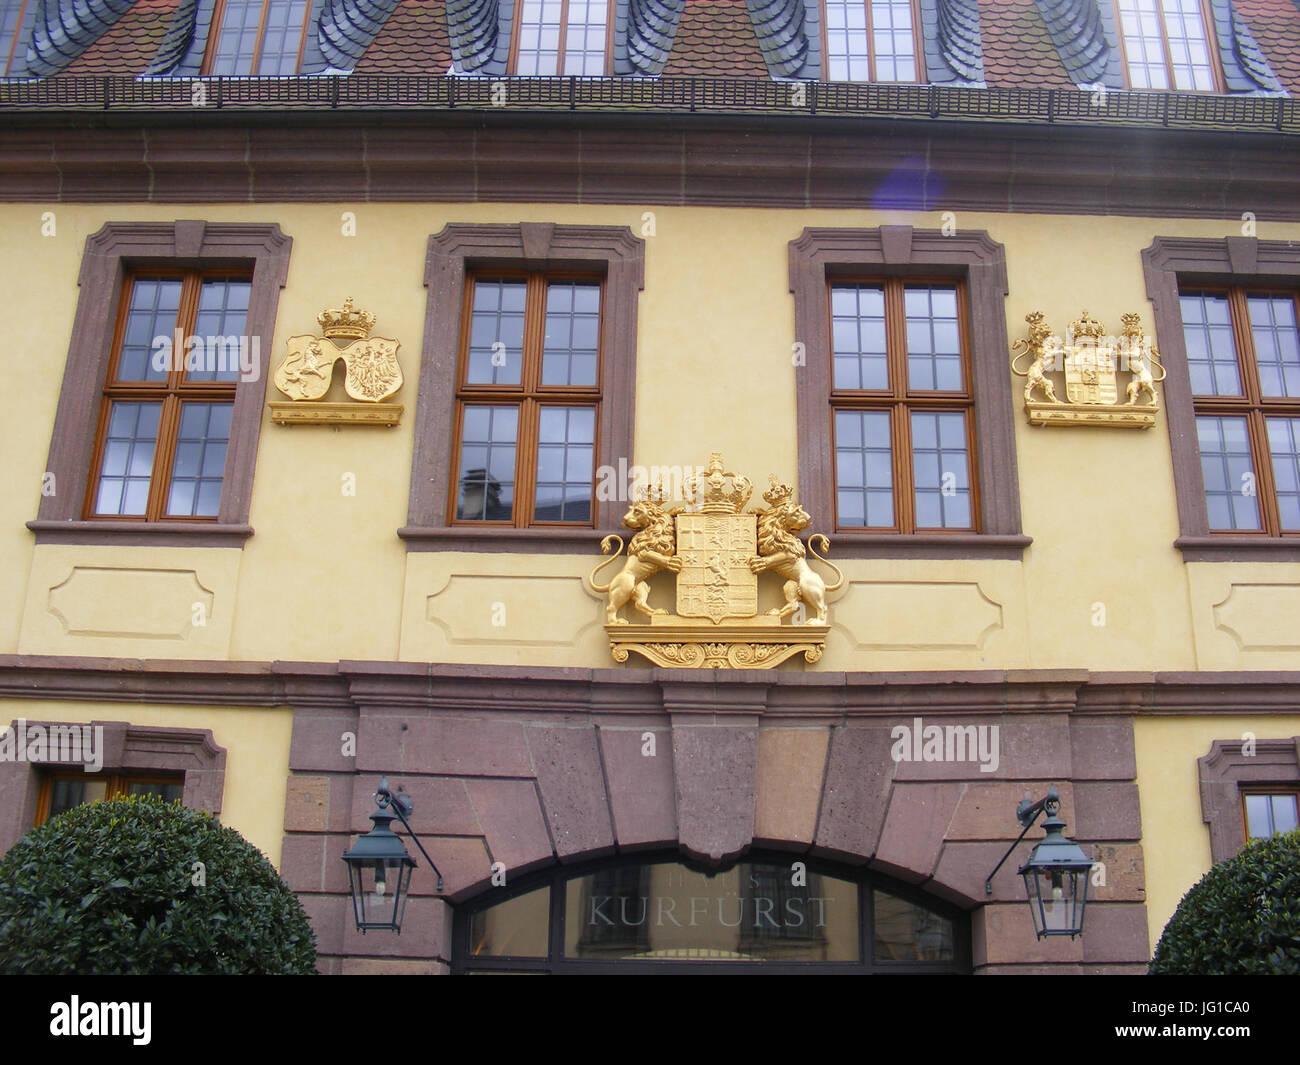 Fulda - Palais von der Tann, vergoldete Wappen über dem rechten Eingang - Stock Image